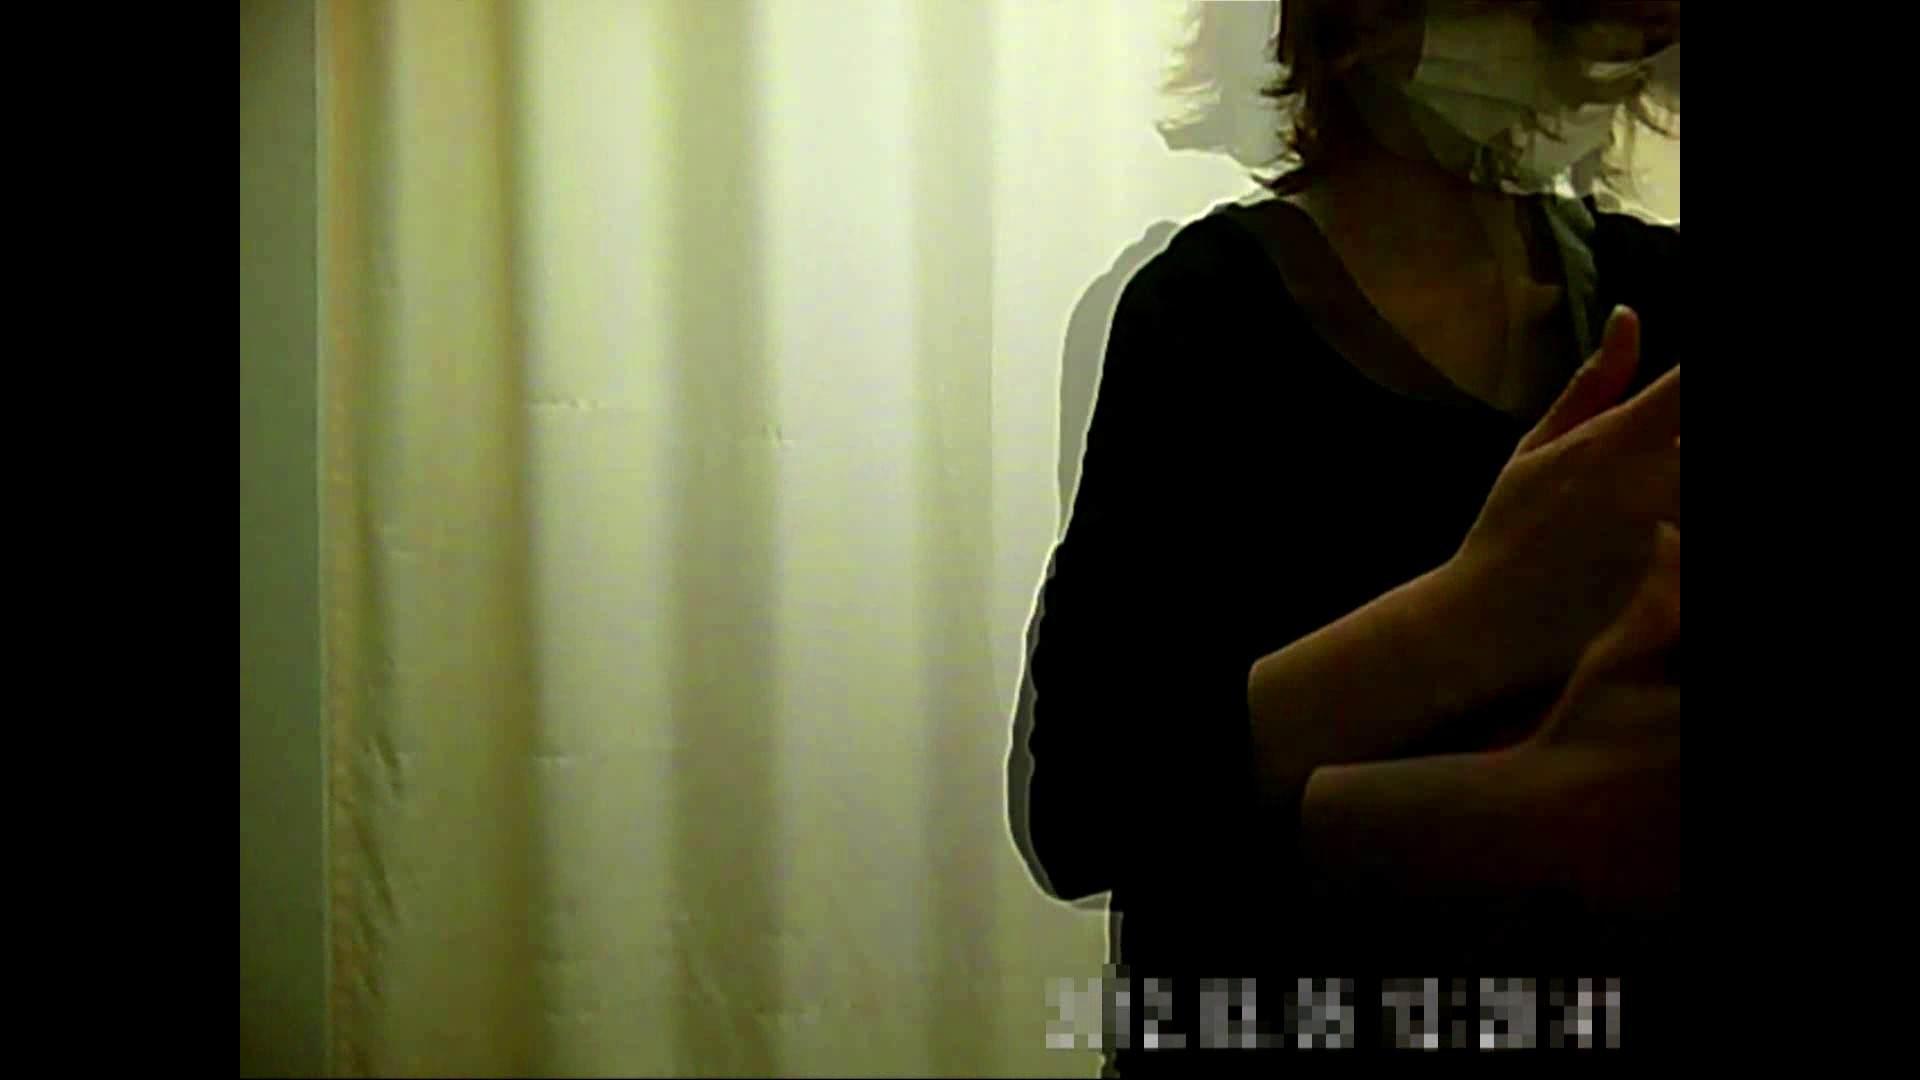 病院おもいっきり着替え! vol.264 エロティックなOL 濡れ場動画紹介 55画像 10